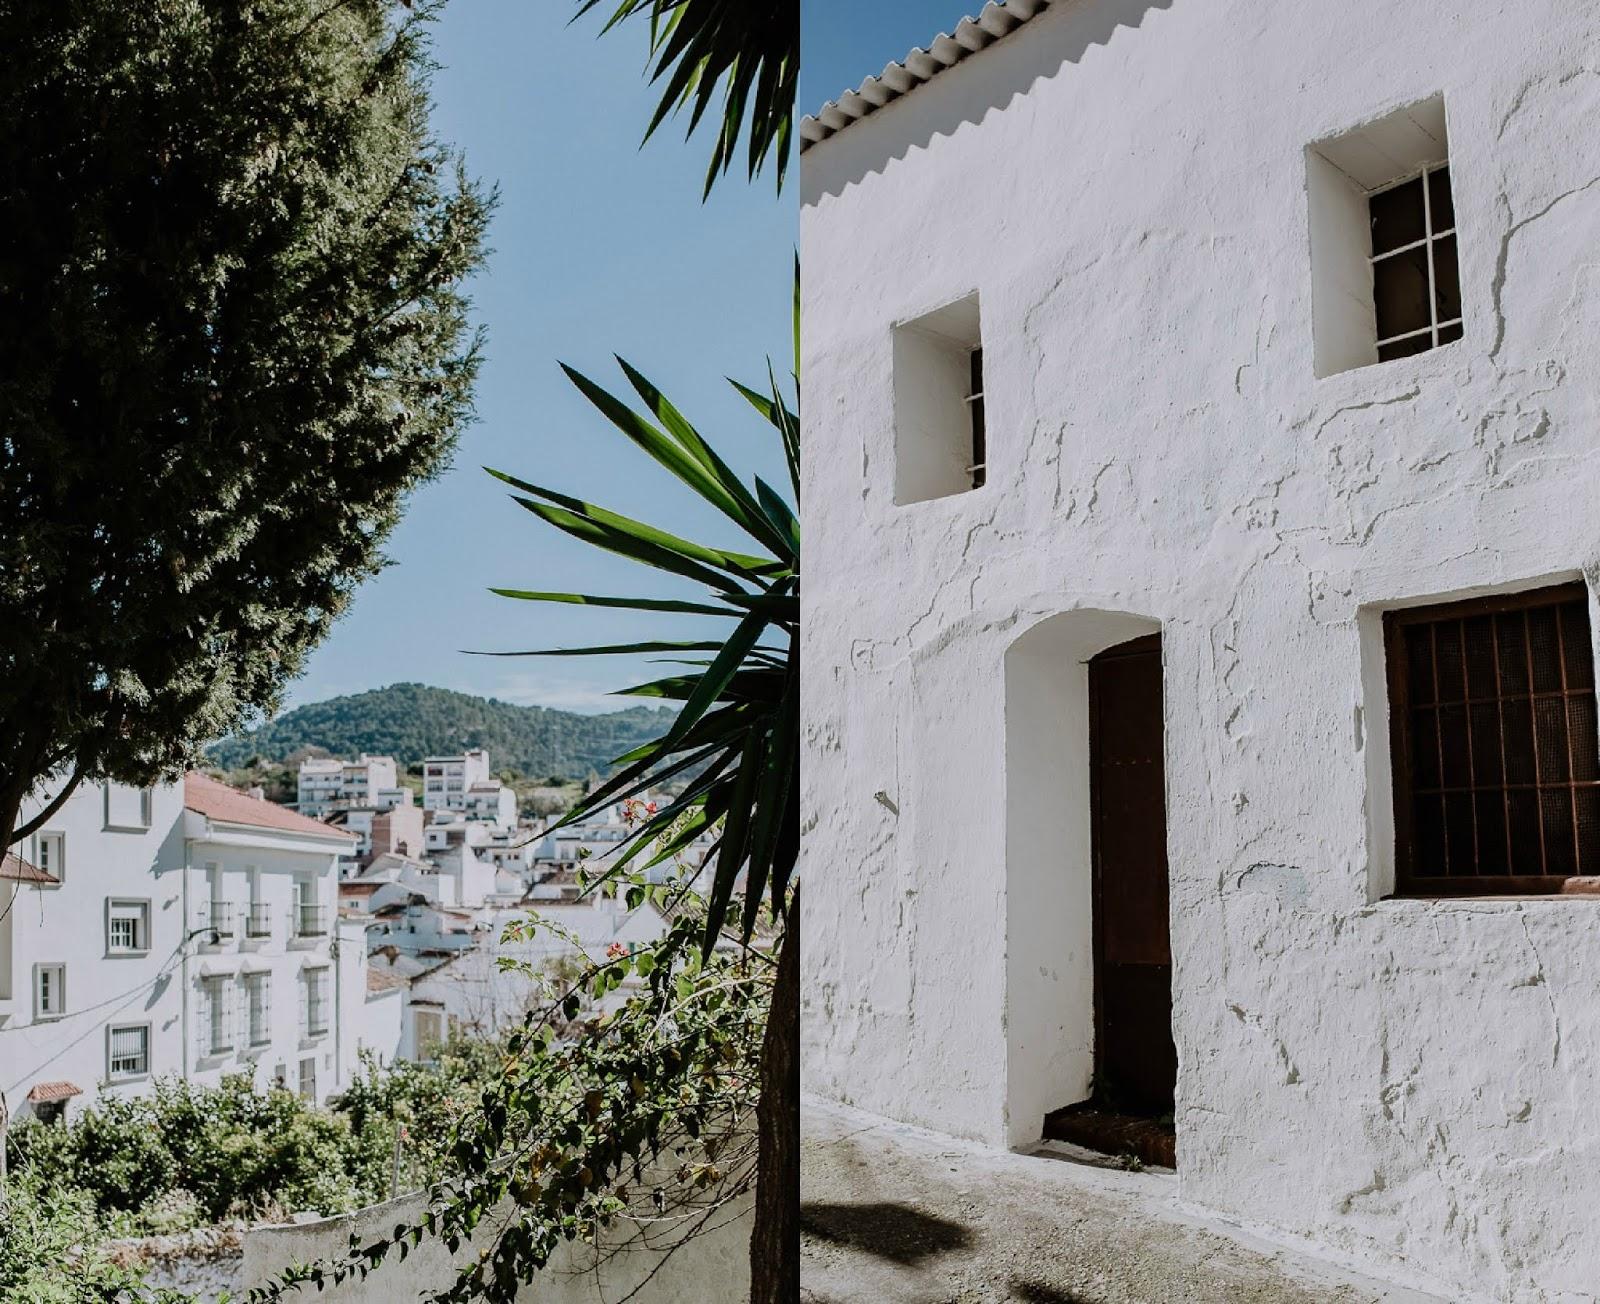 Monda in Andalucia